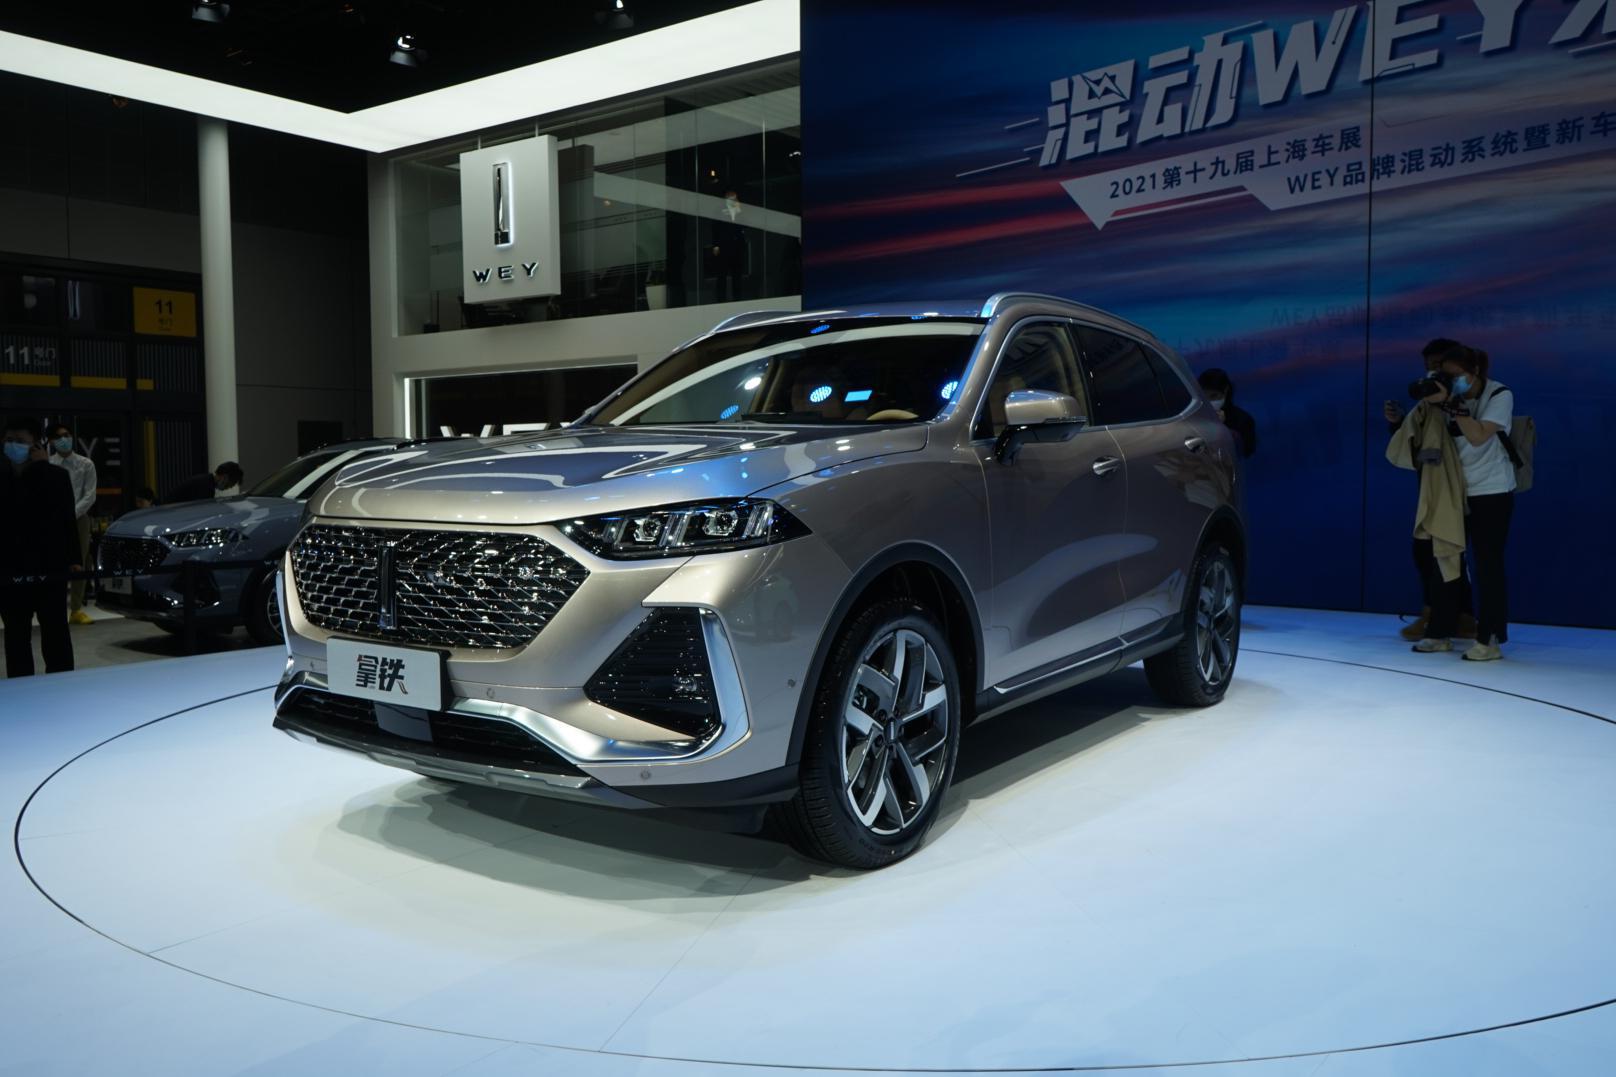 2021上海车展丨预计匹配全新9DCT变速箱 WEY品牌车型拿铁亮相